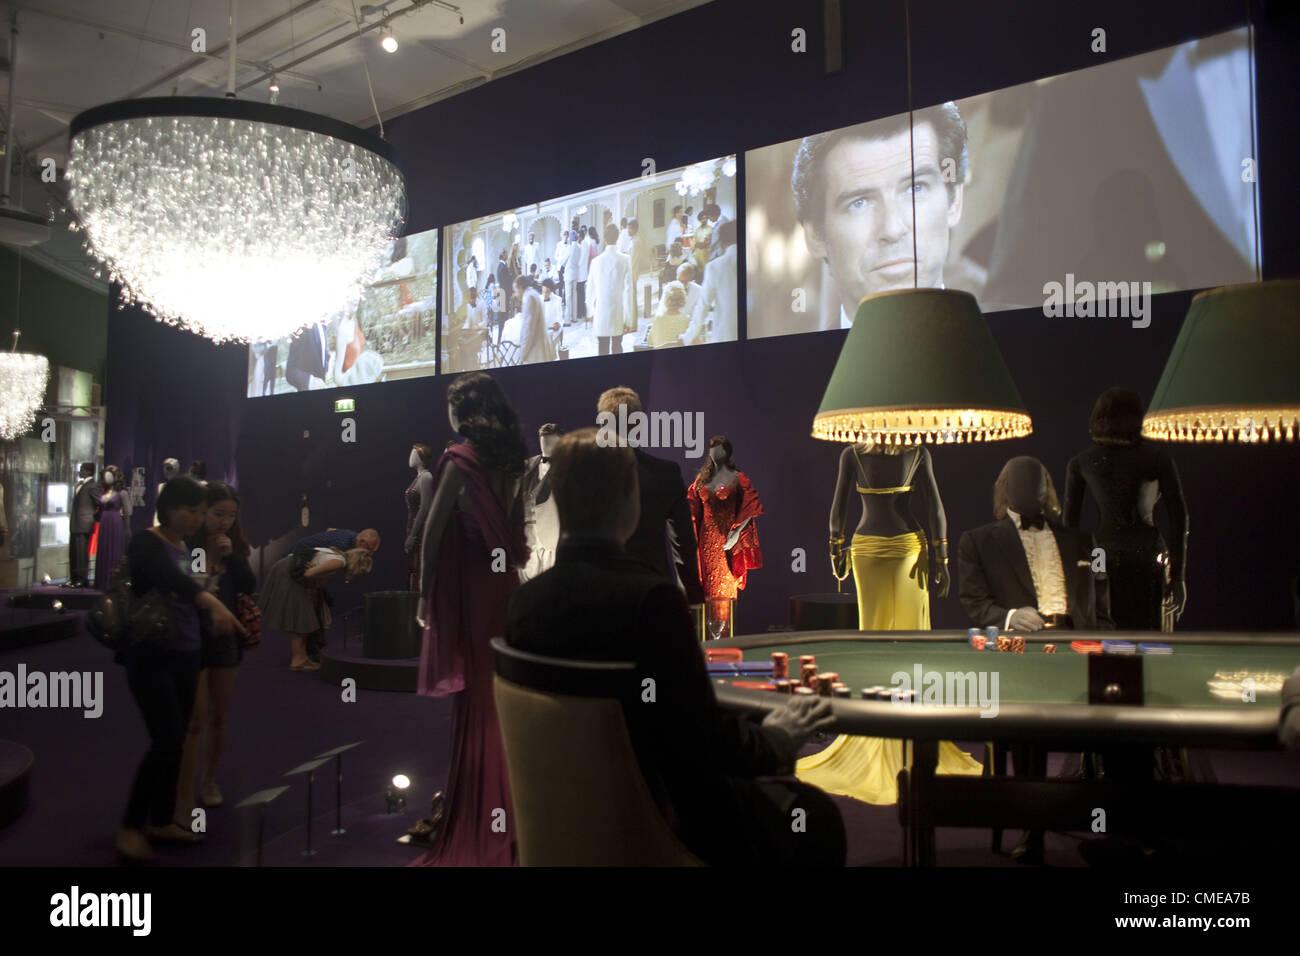 7be6899719c84d Juillet 27, 2012 - Londres, Royaume-Uni - Conception 007 - Cinquante ans de  Bond Style.il casino salle affiche Bond tenues faites par des designers  célèbres ...